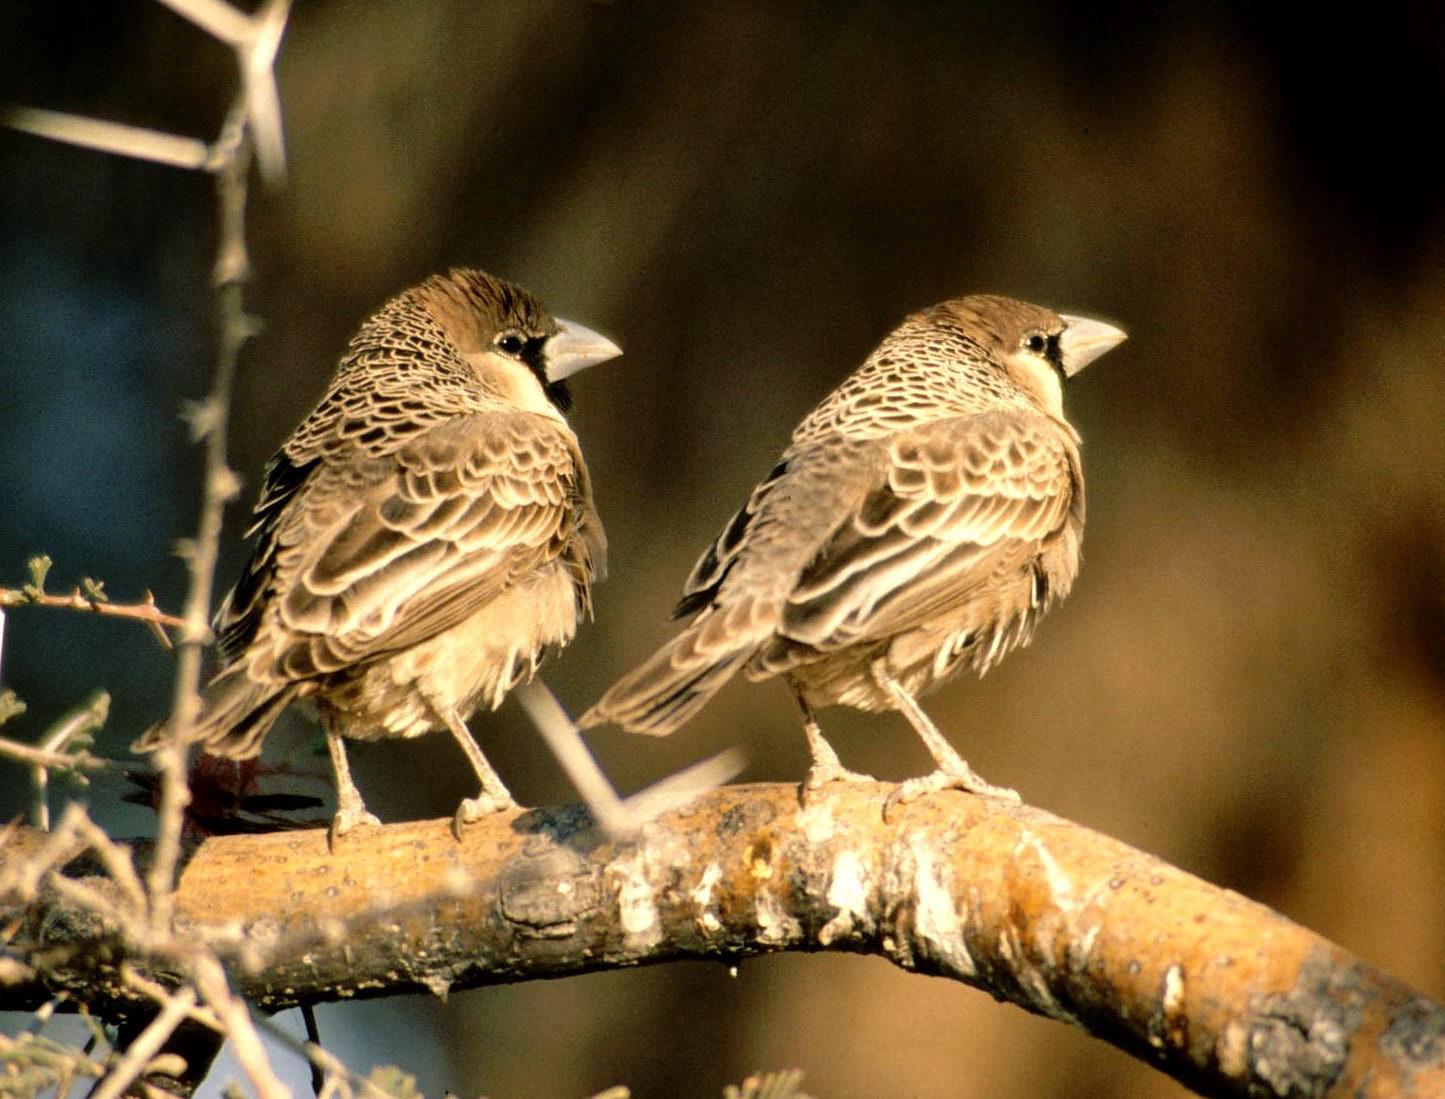 Sociable Weavers Nest